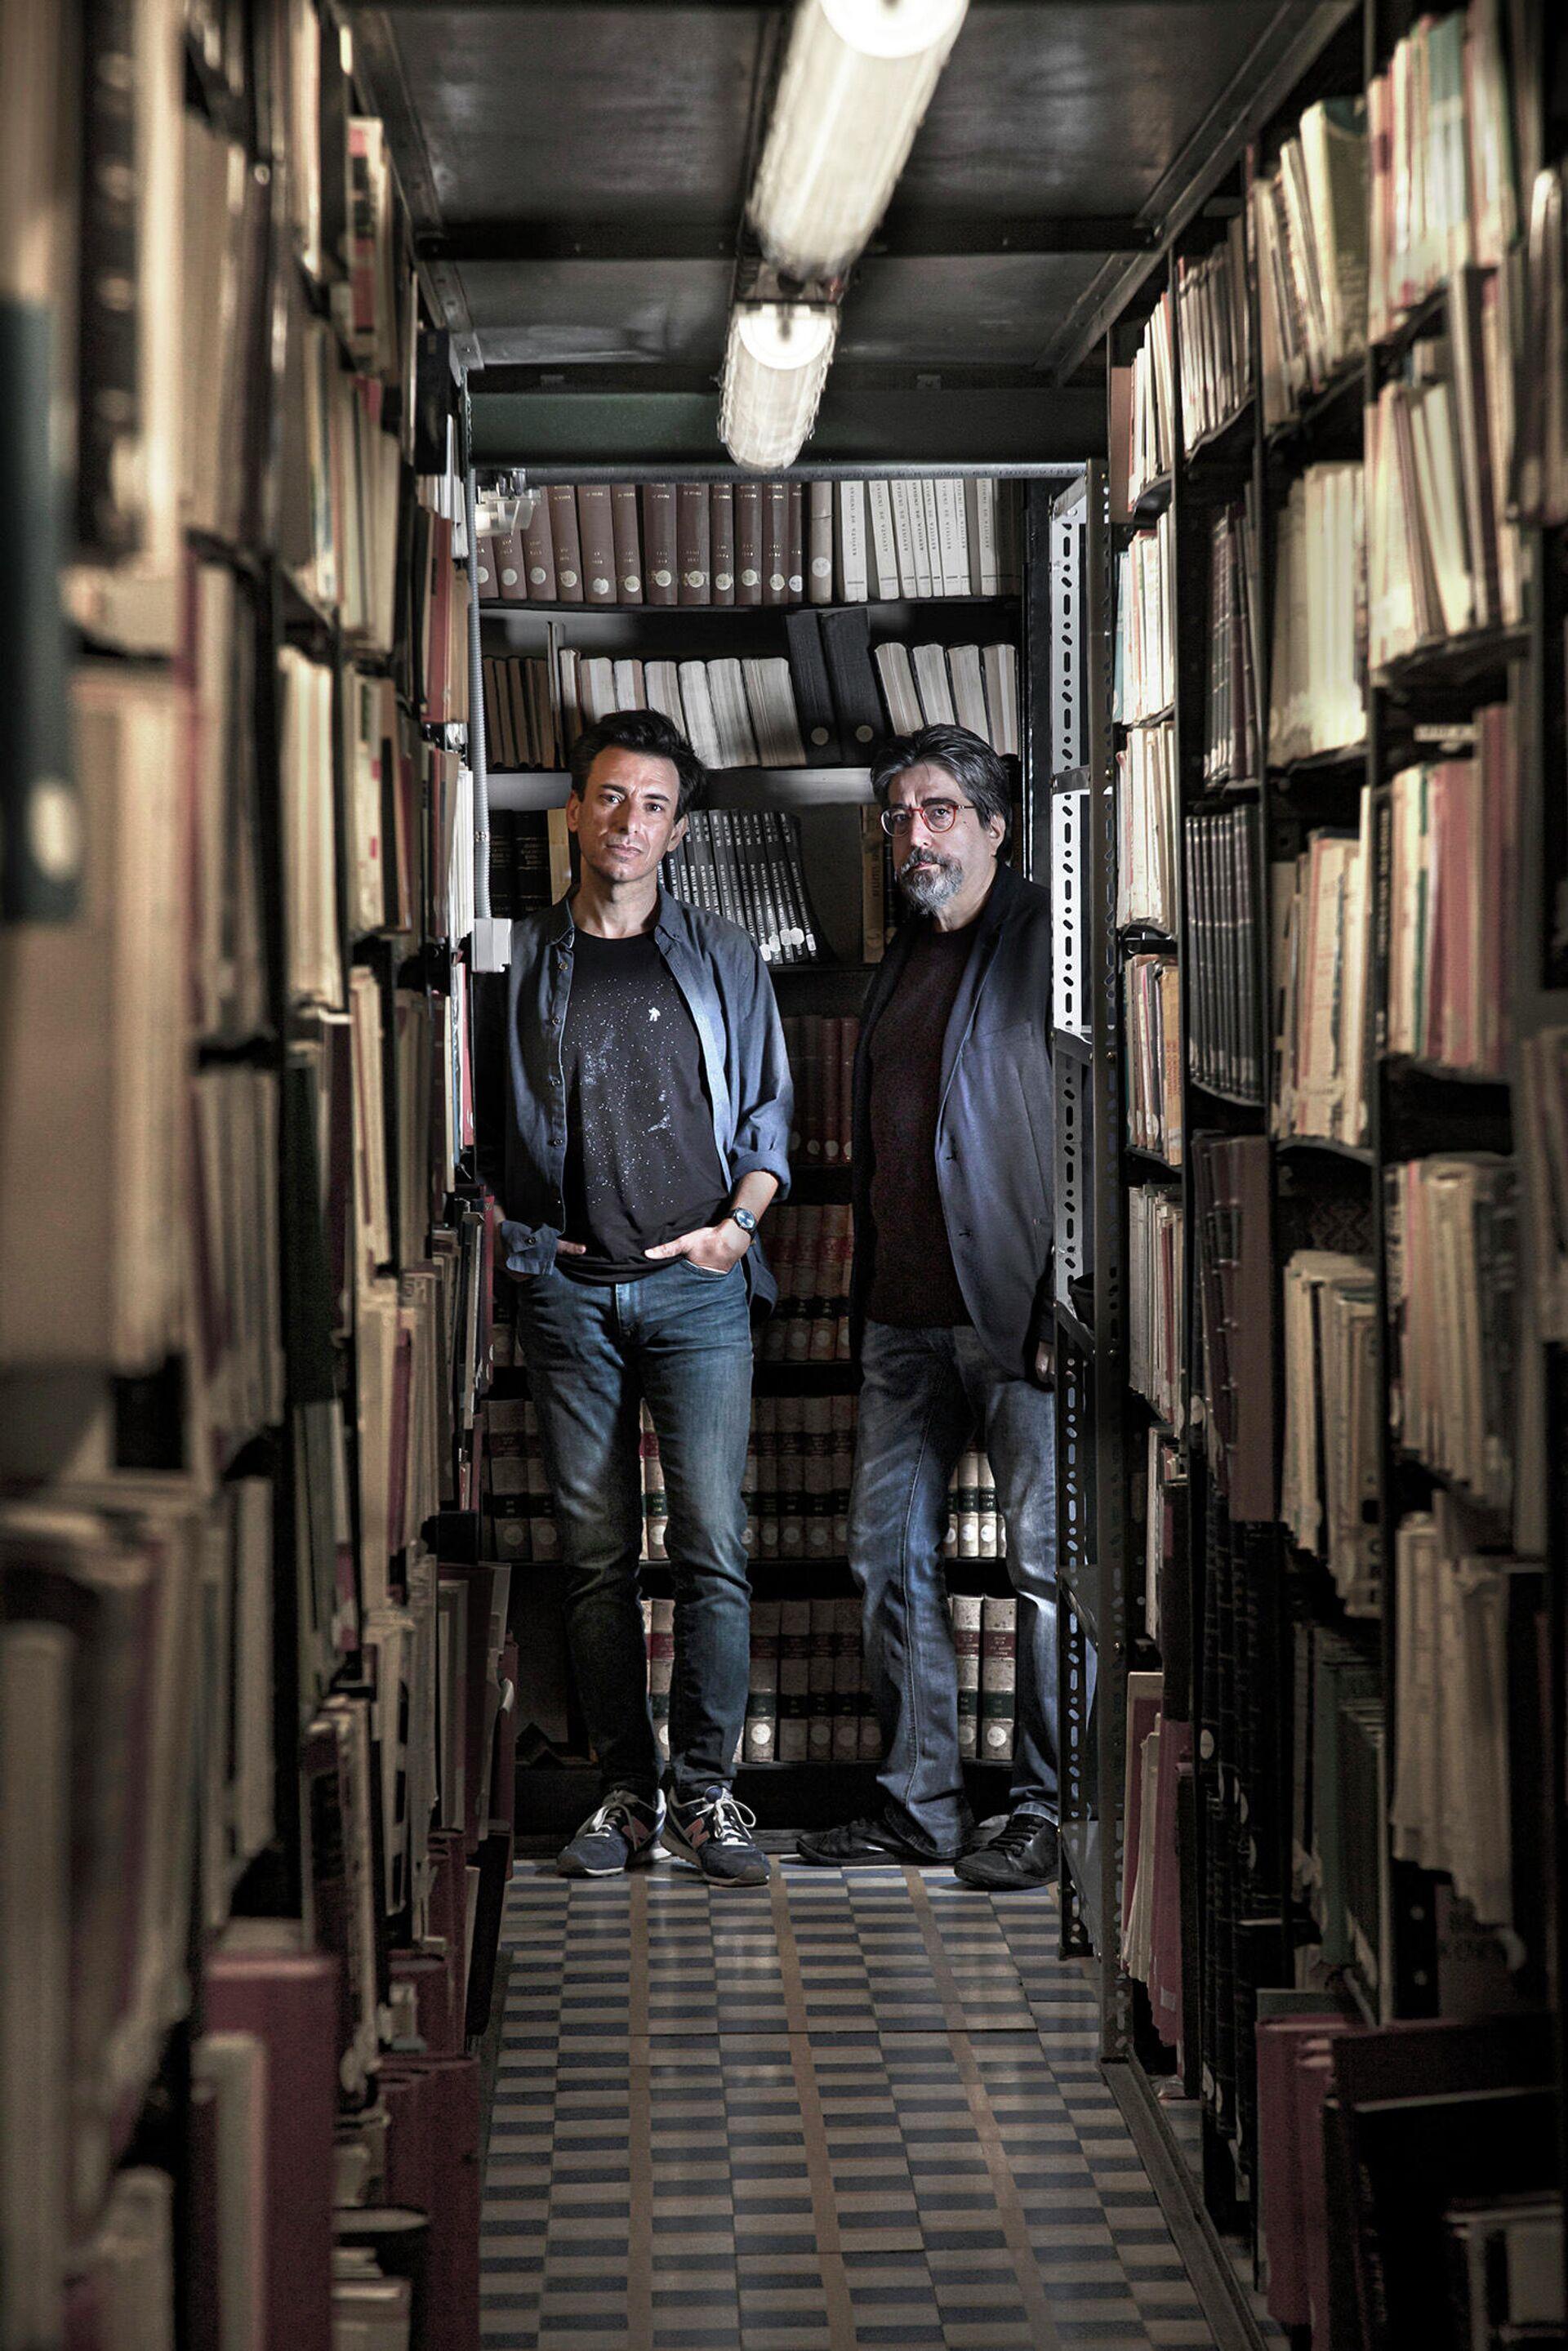 Manuel Menchón y Luis García Jambrina, autores del libro 'La doble muerte de Unamuno' (Capitán Swing) - Sputnik Mundo, 1920, 11.06.2021